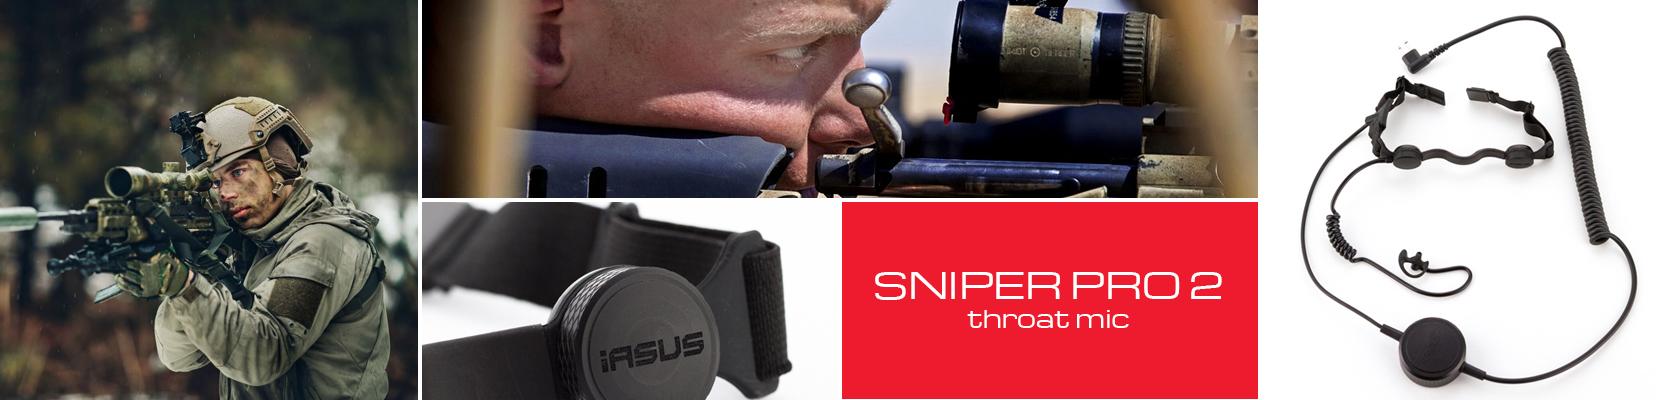 iasus-sniper-pro-2-throat-mic-main-image-collage